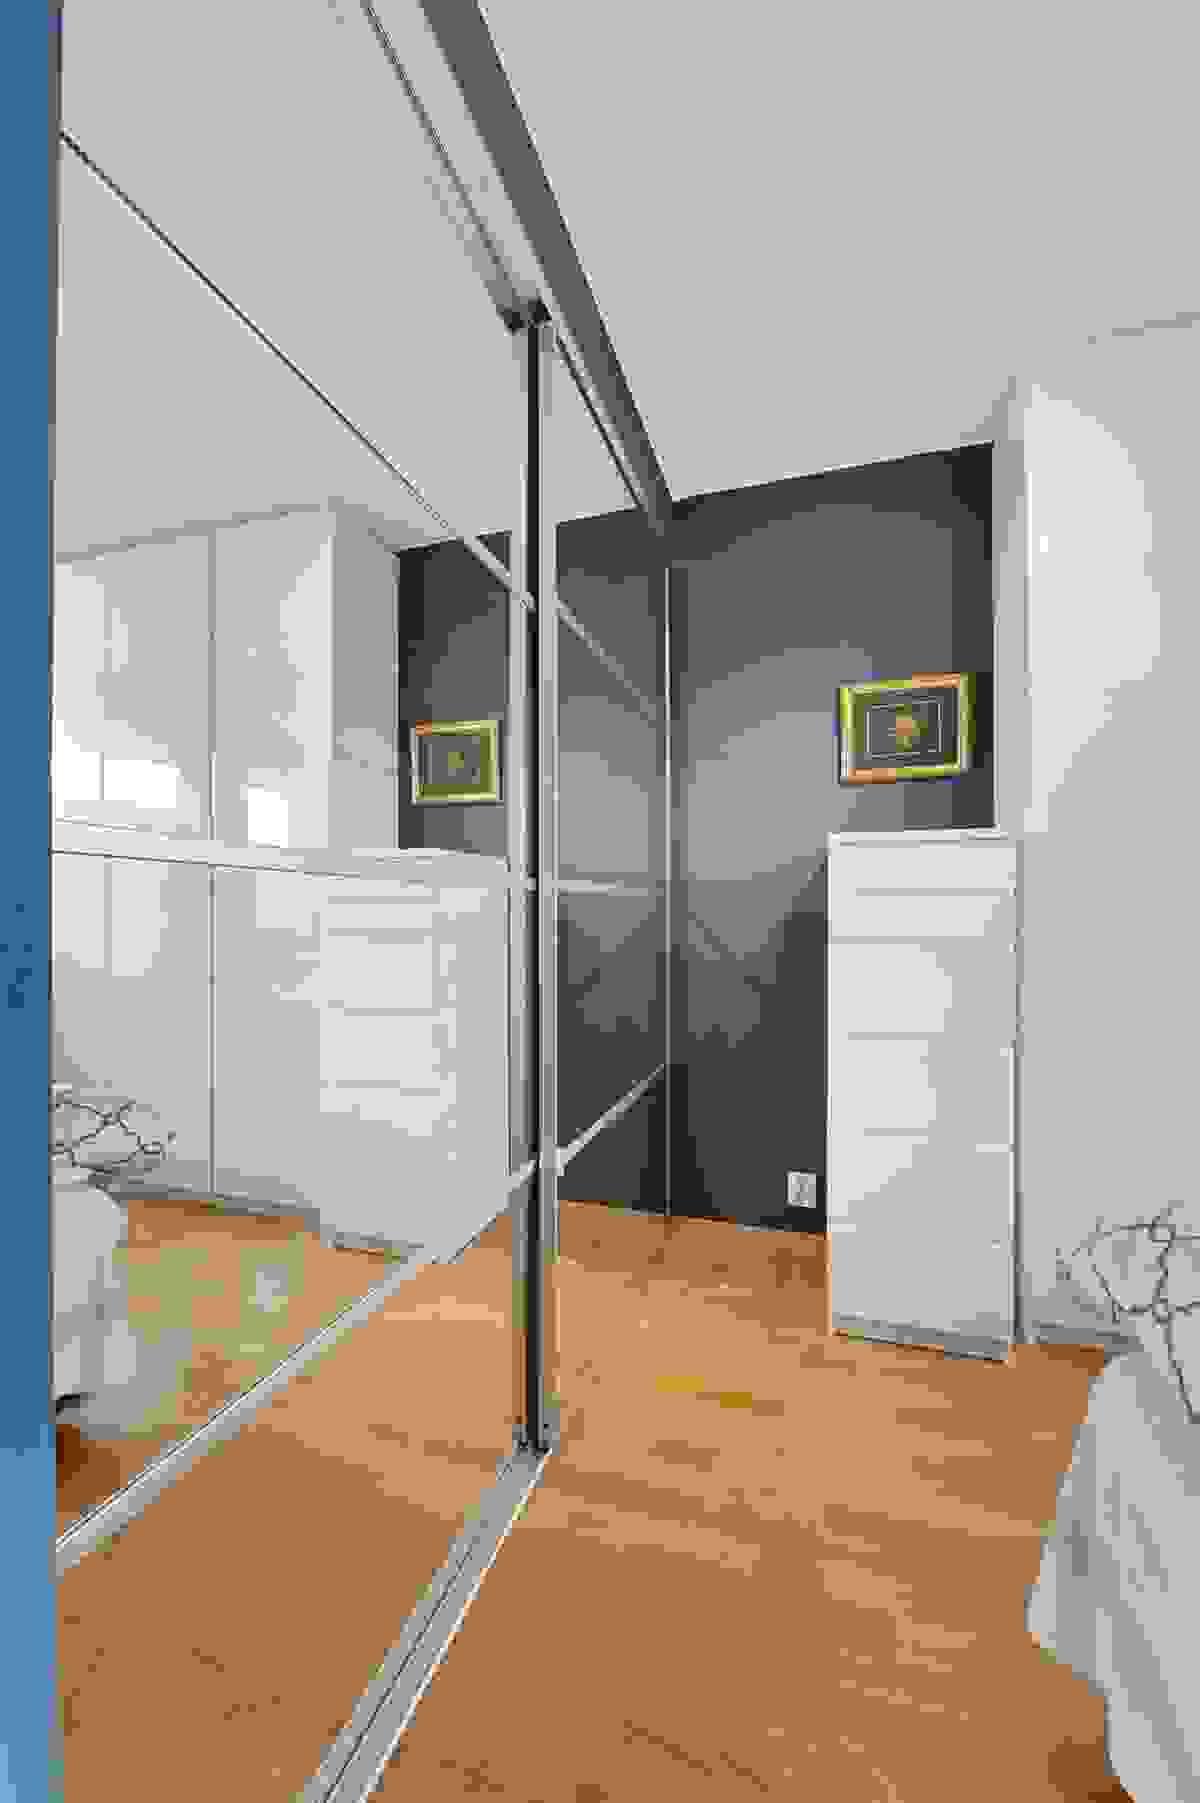 Soverom 1 (hovedsoverom) i 1. etasje og godt med garderobeskap